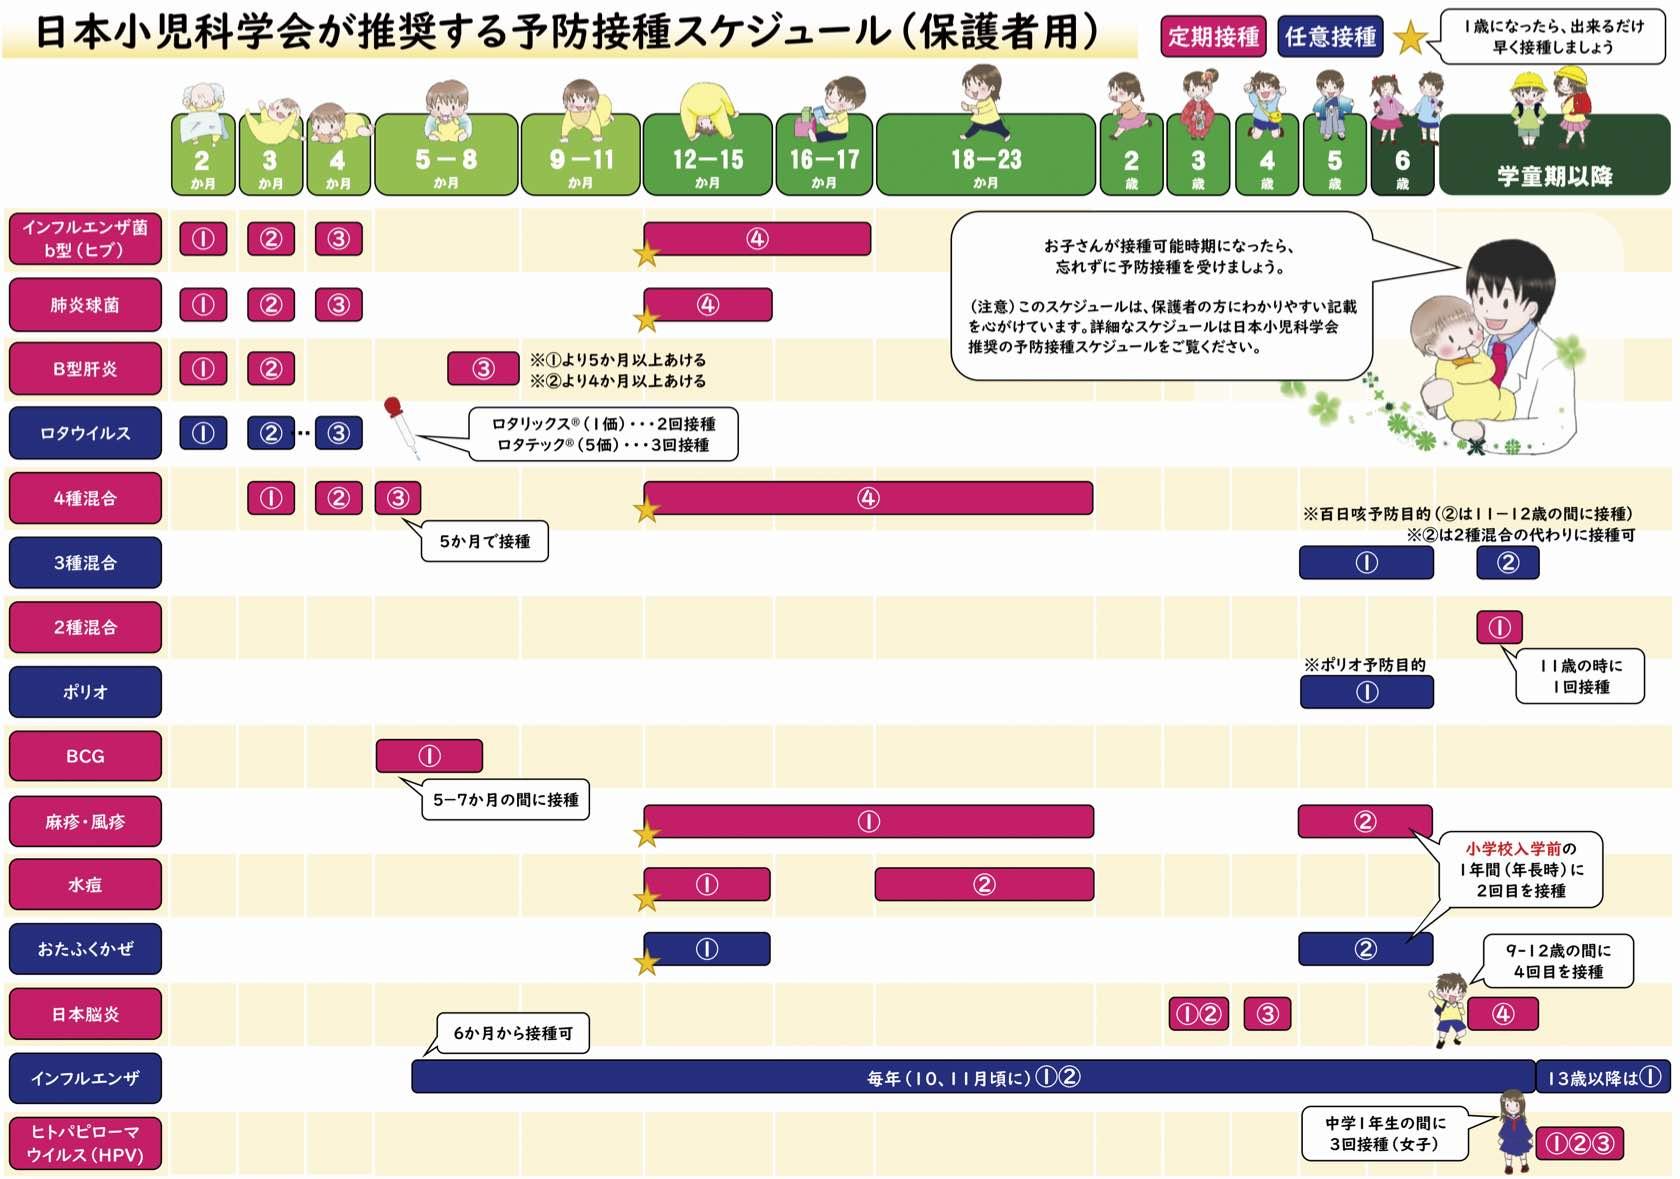 ワクチン 接種 スケジュール 神戸市:新型コロナウイルス感染症のワクチン接種について